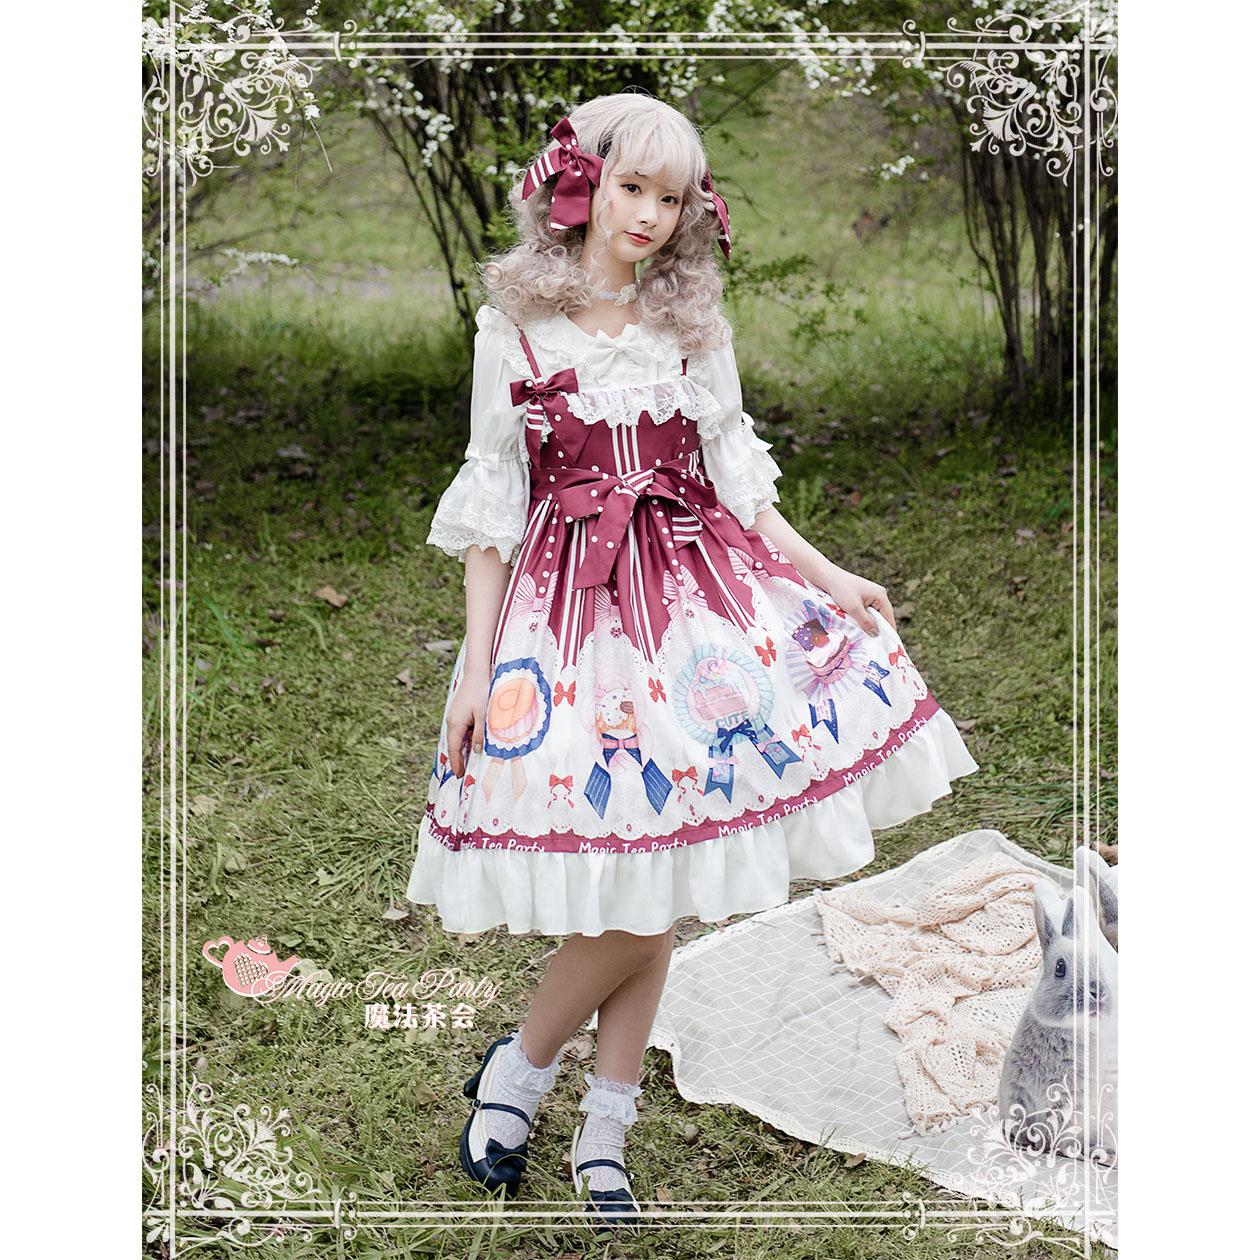 魔法茶会「烘焙勋章」洛丽塔洋装lolita全套裙原创JSK正版裙-现货